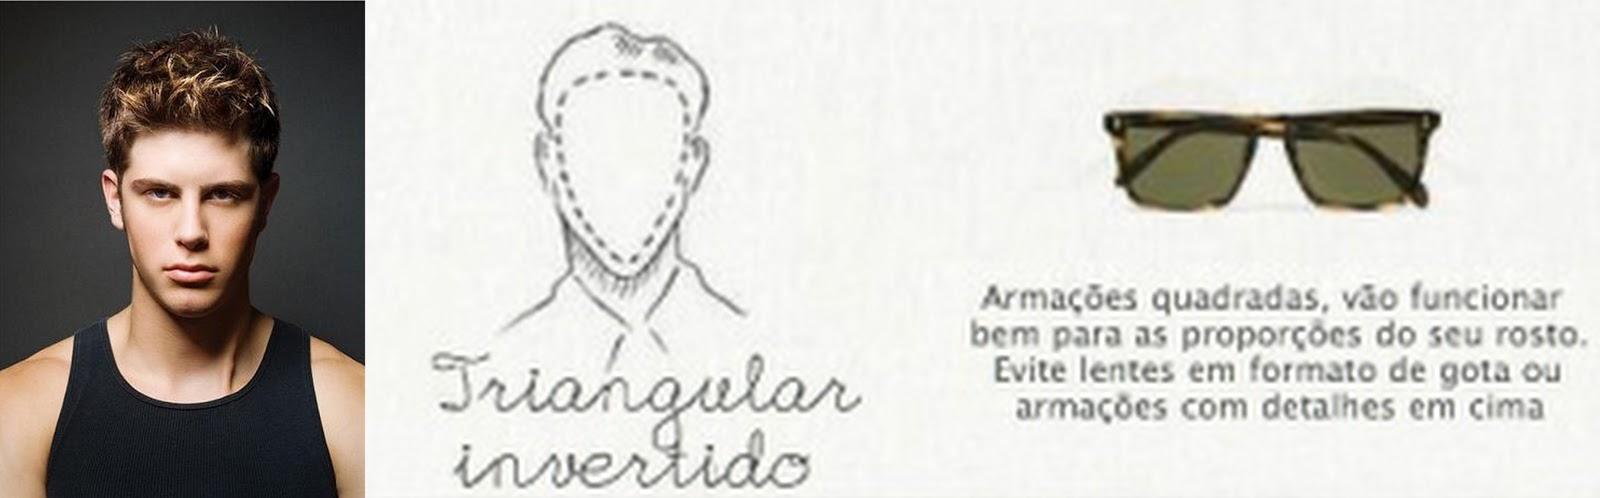 Triangular Invertido  Aos que tem esse tipo de rostos, devem usar armações  quadradas para de733f72ad